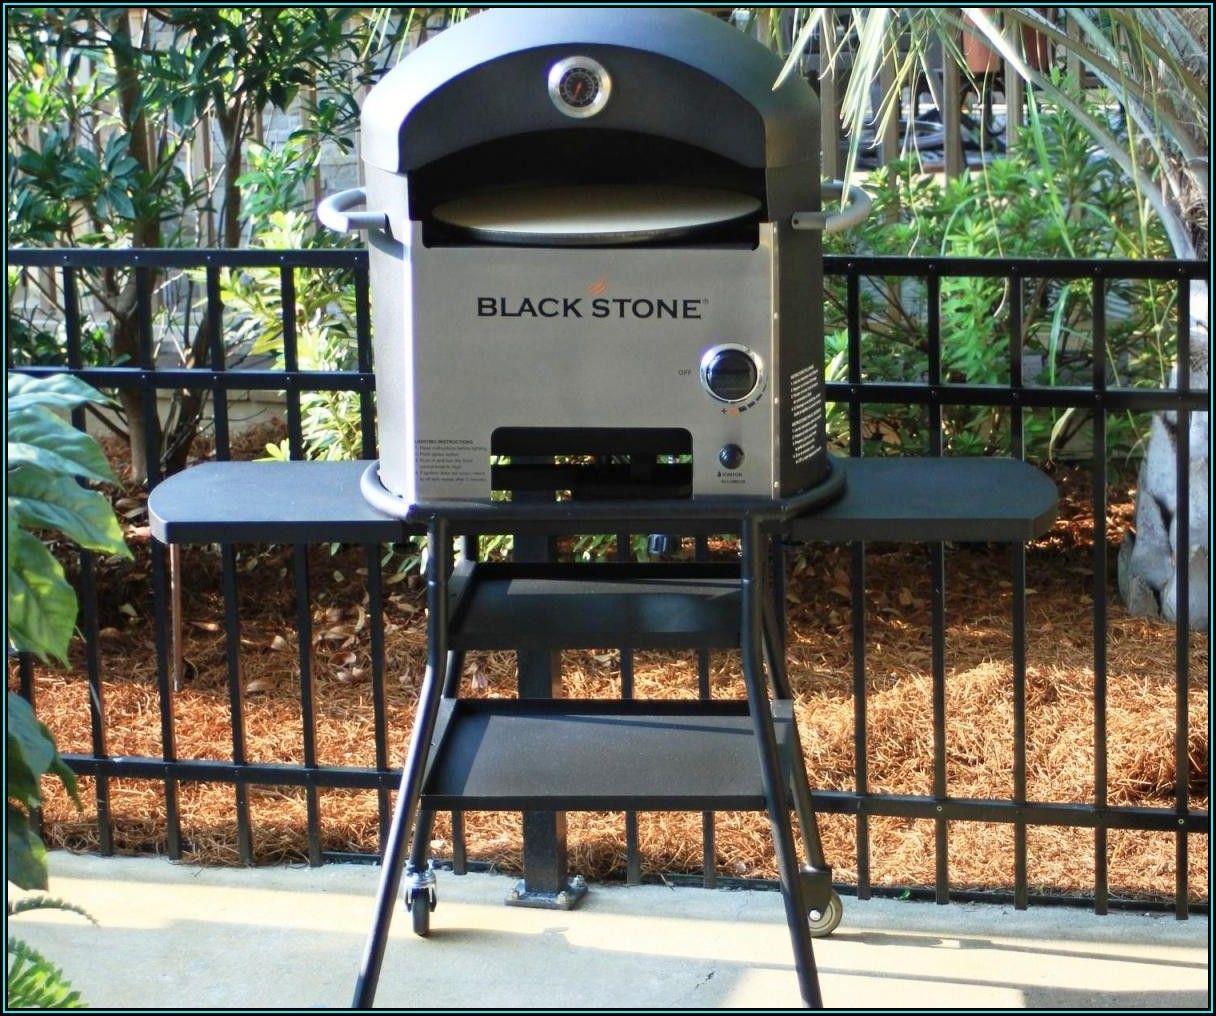 Blackstone Patio Pizza Oven